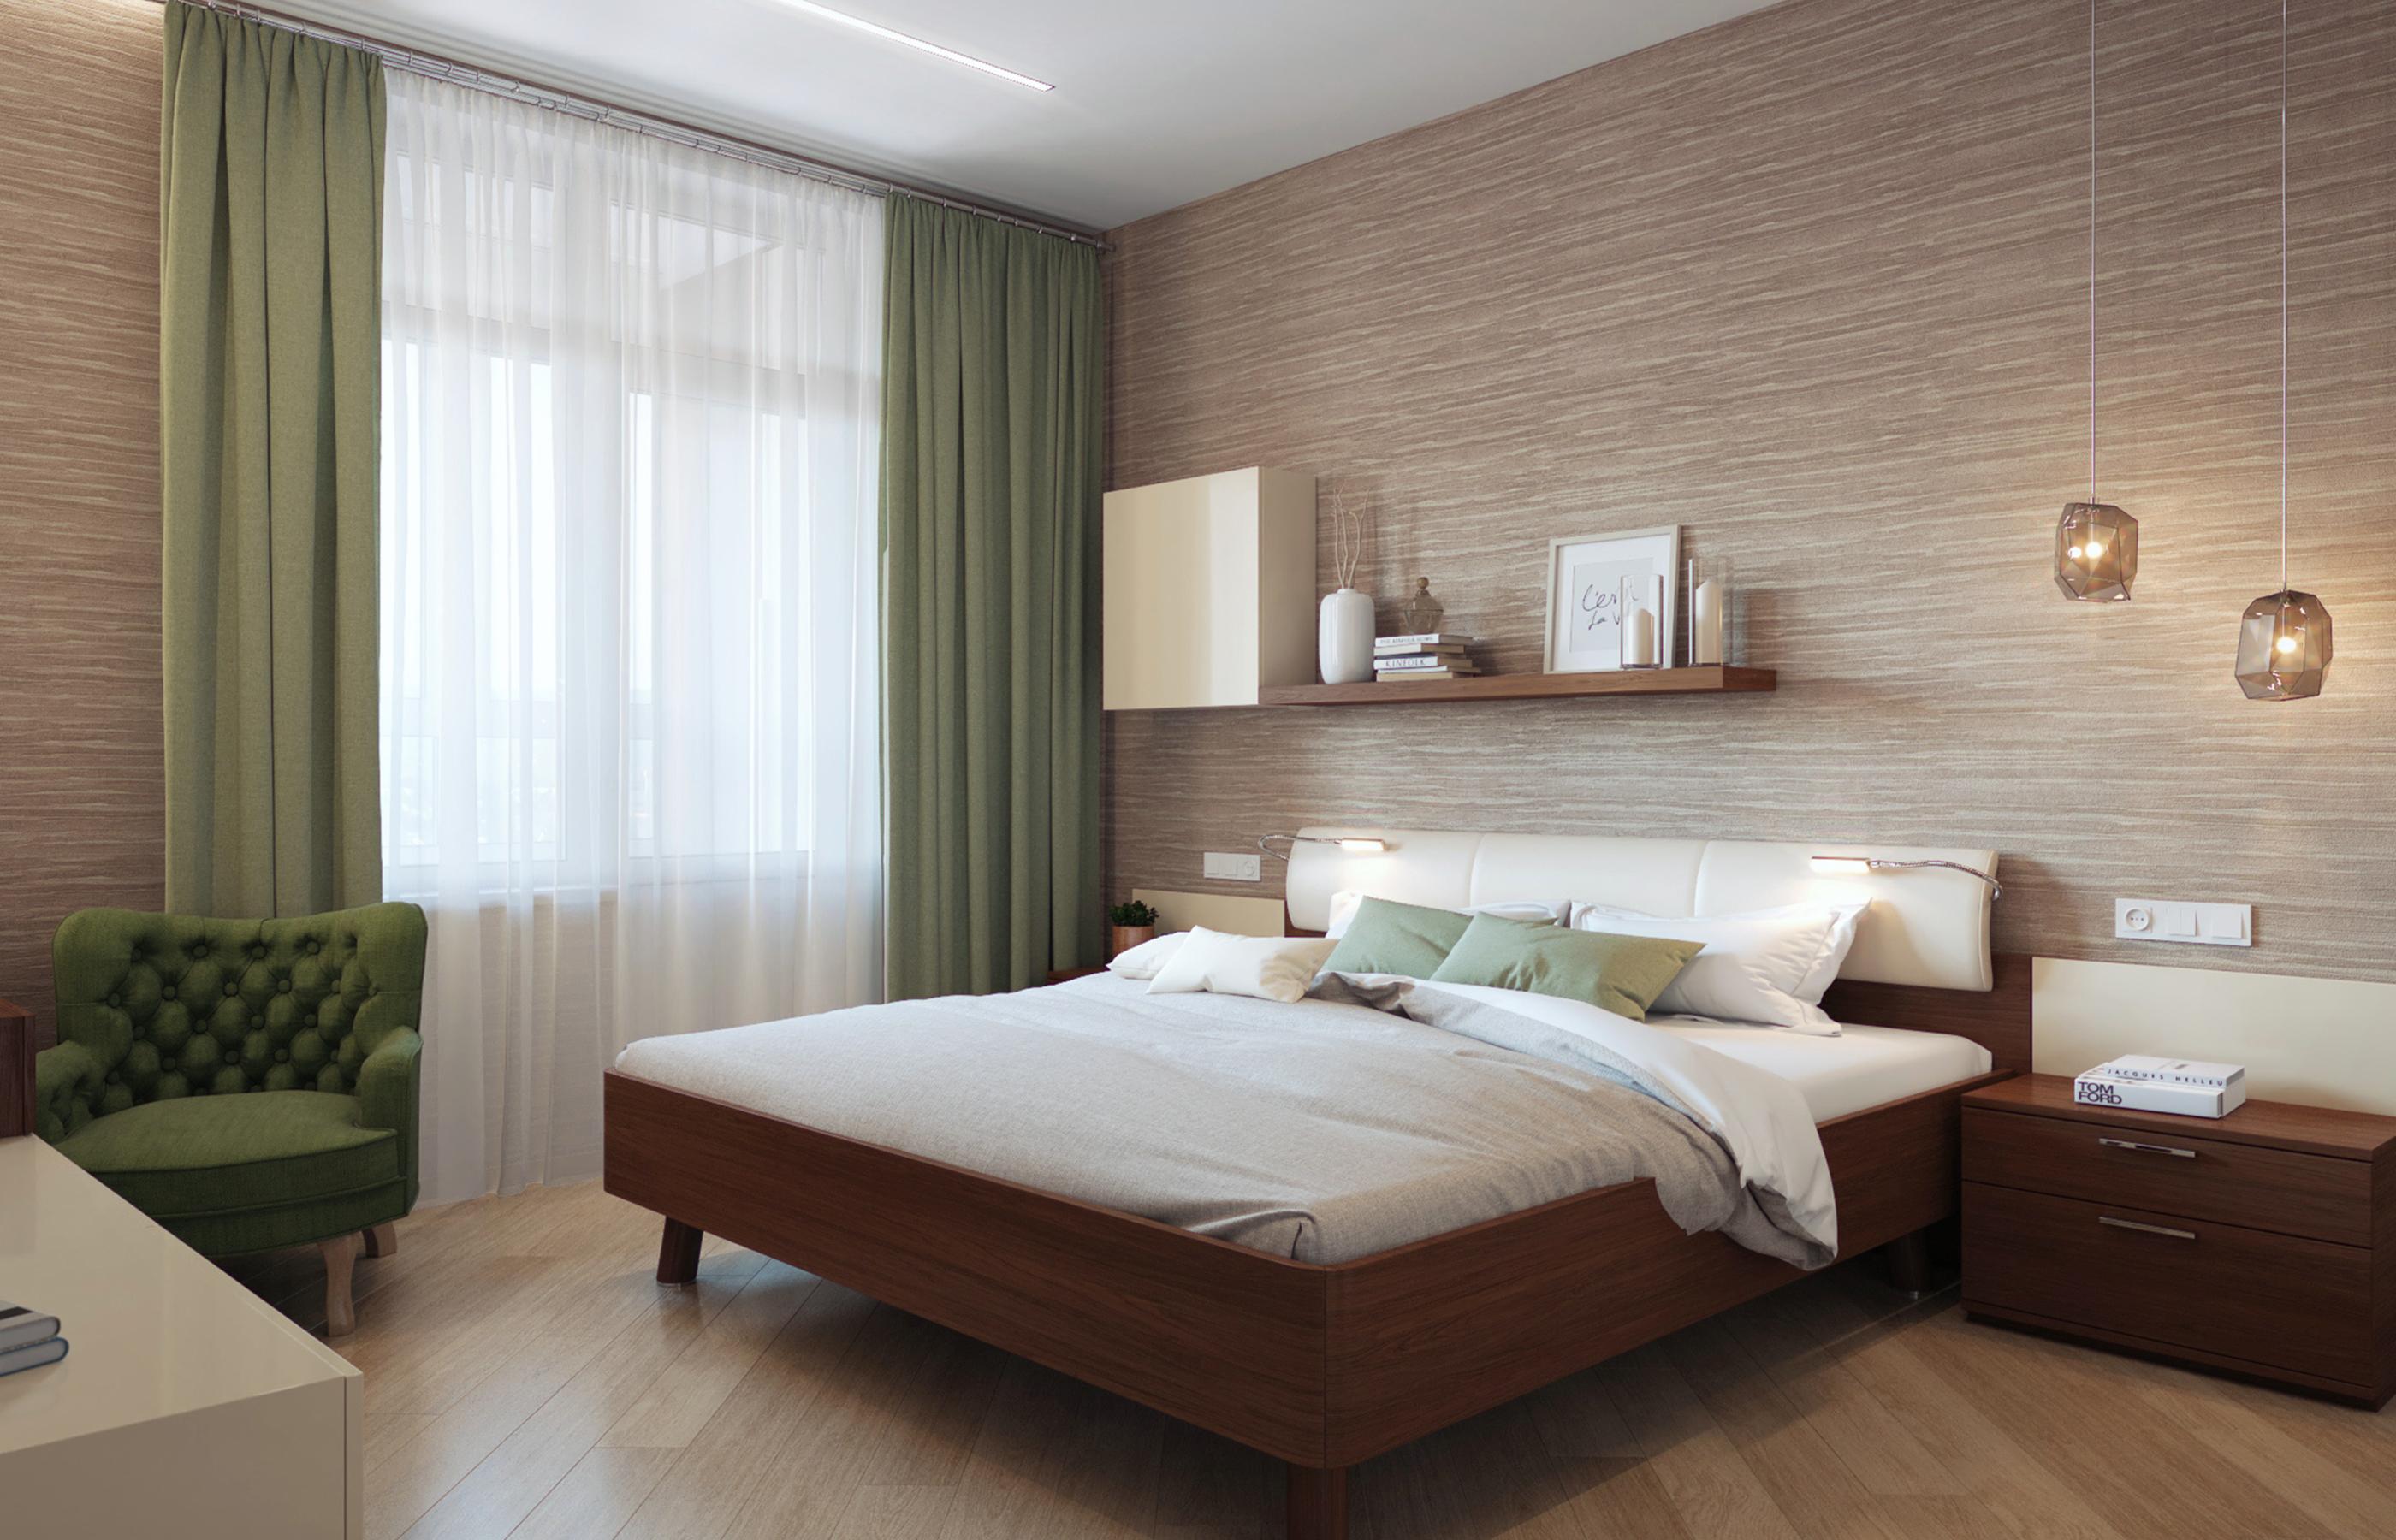 Дизайн интерьера спальни в оливково-кофейной цветовой гамме